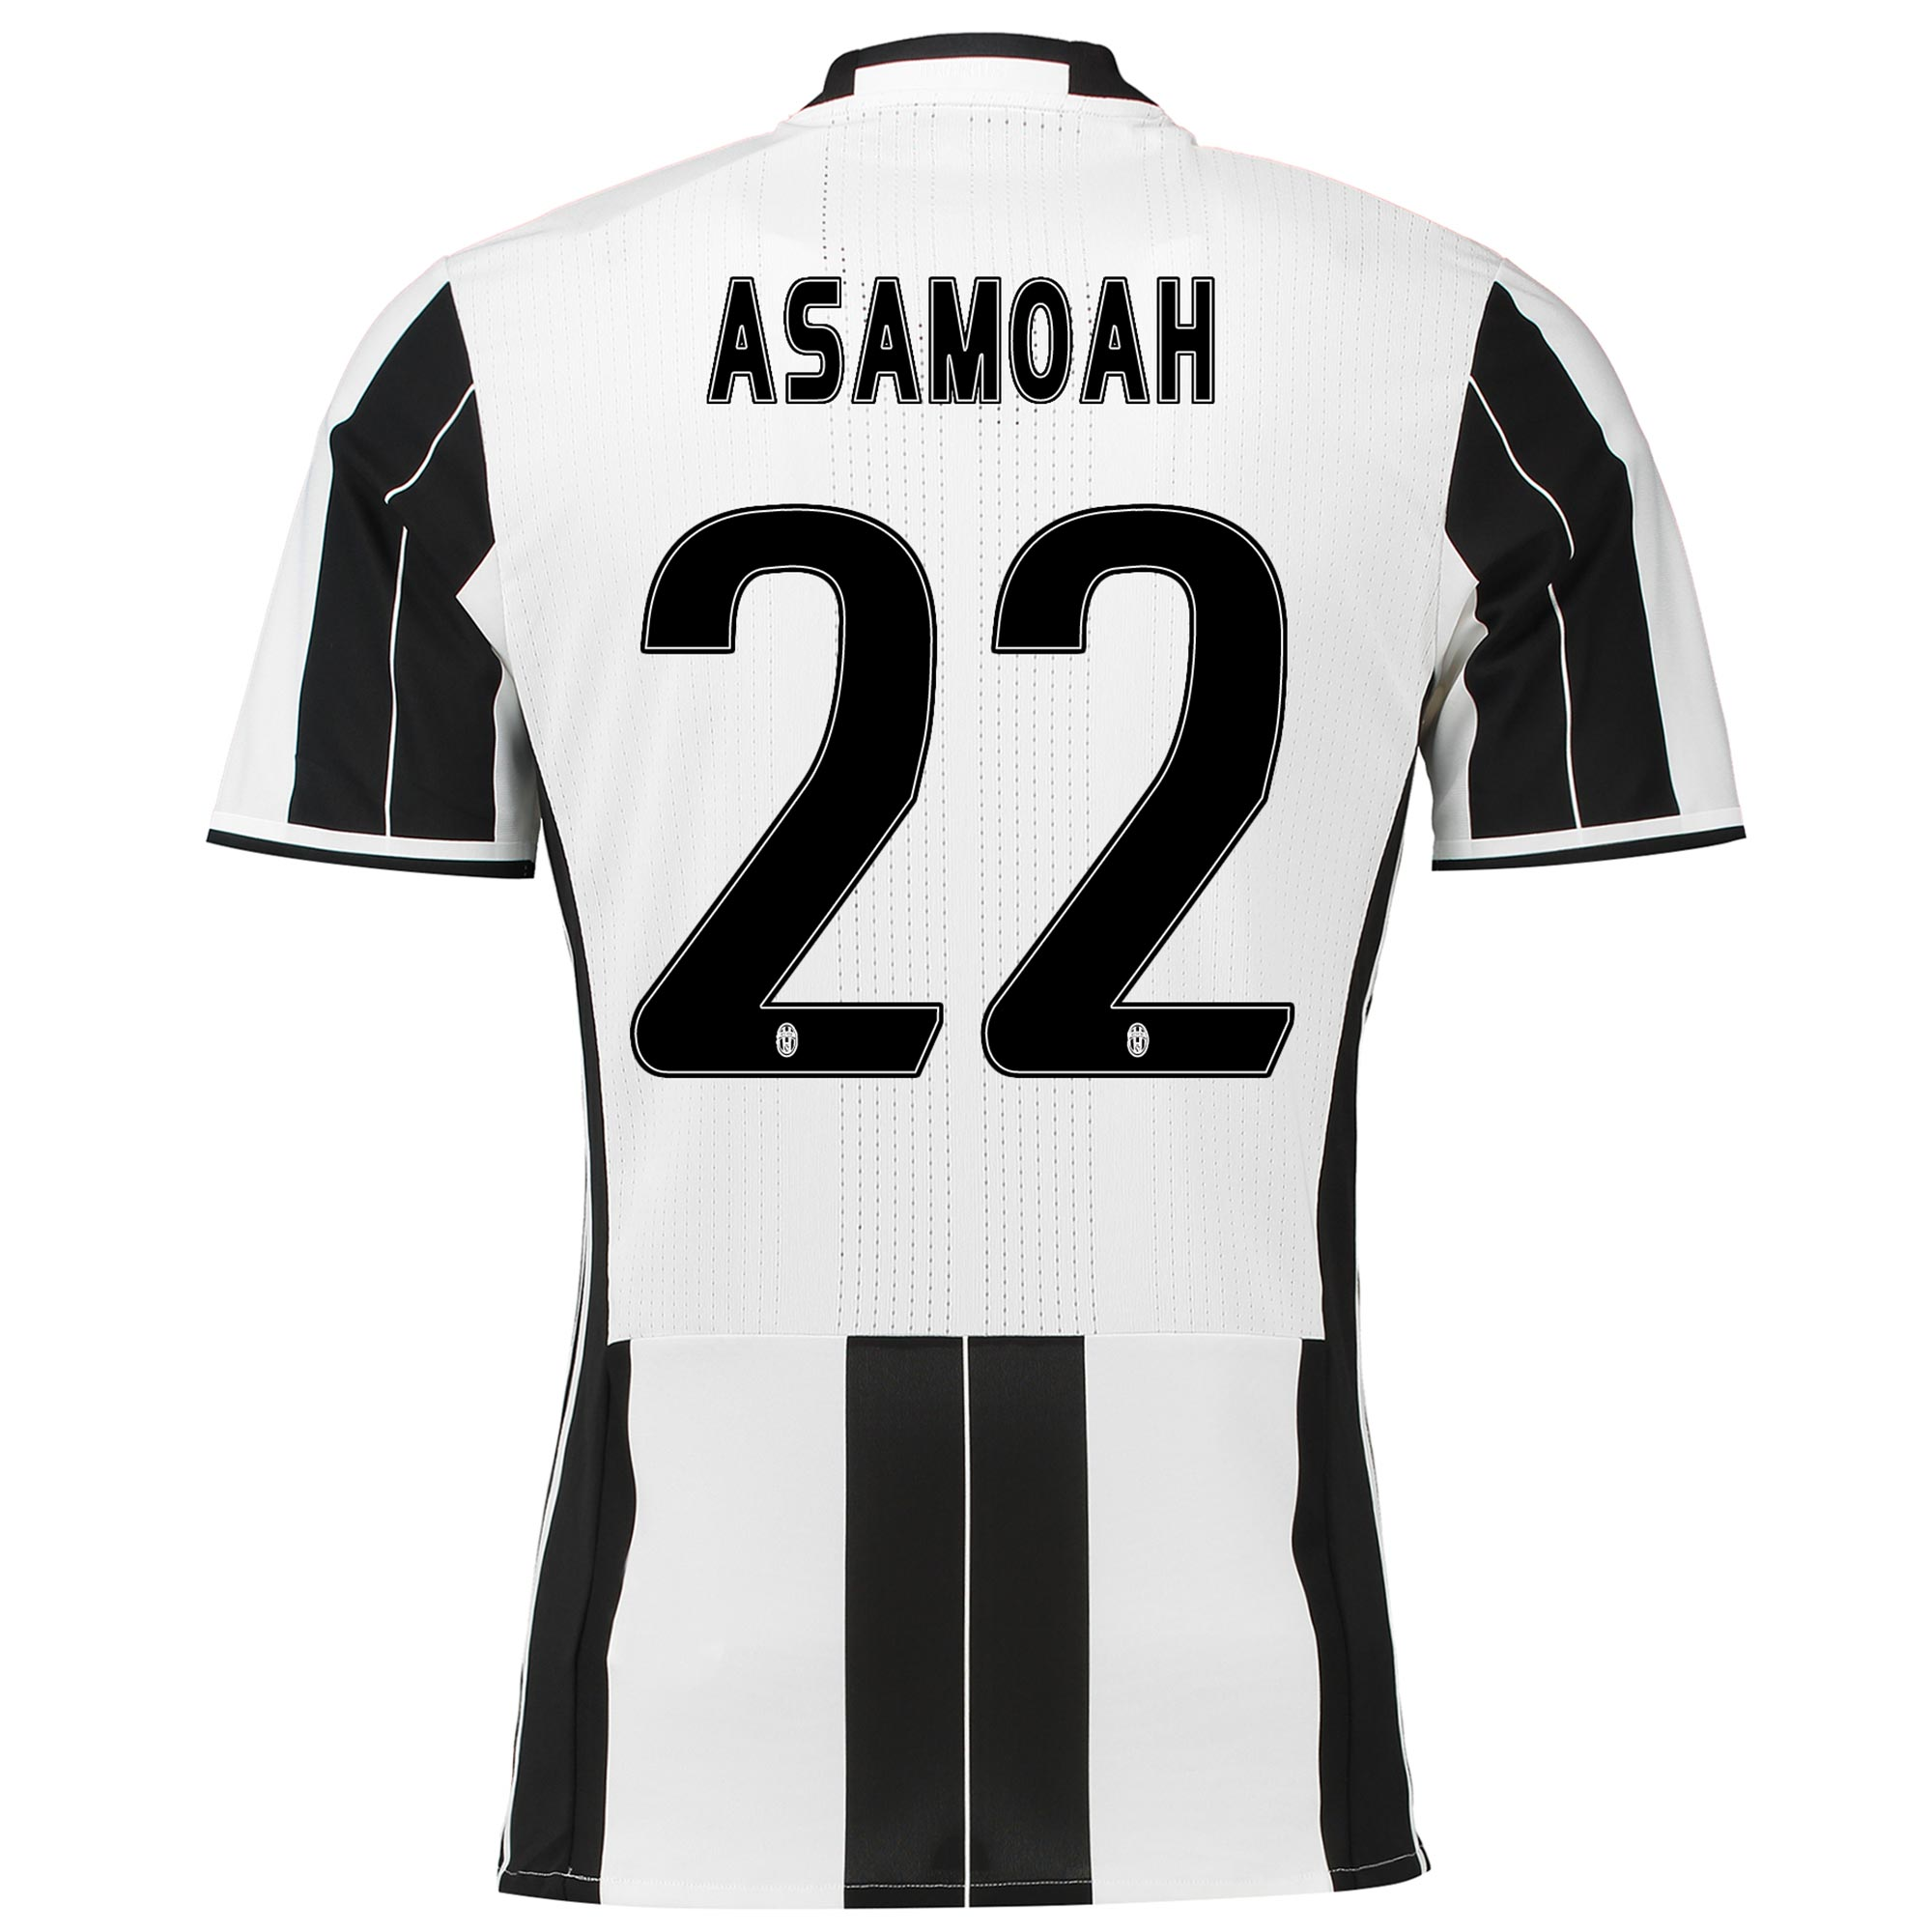 Image of Juventus Home Adi Zero Shirt 2016-17 with Asamoah 22 printing, Black/White